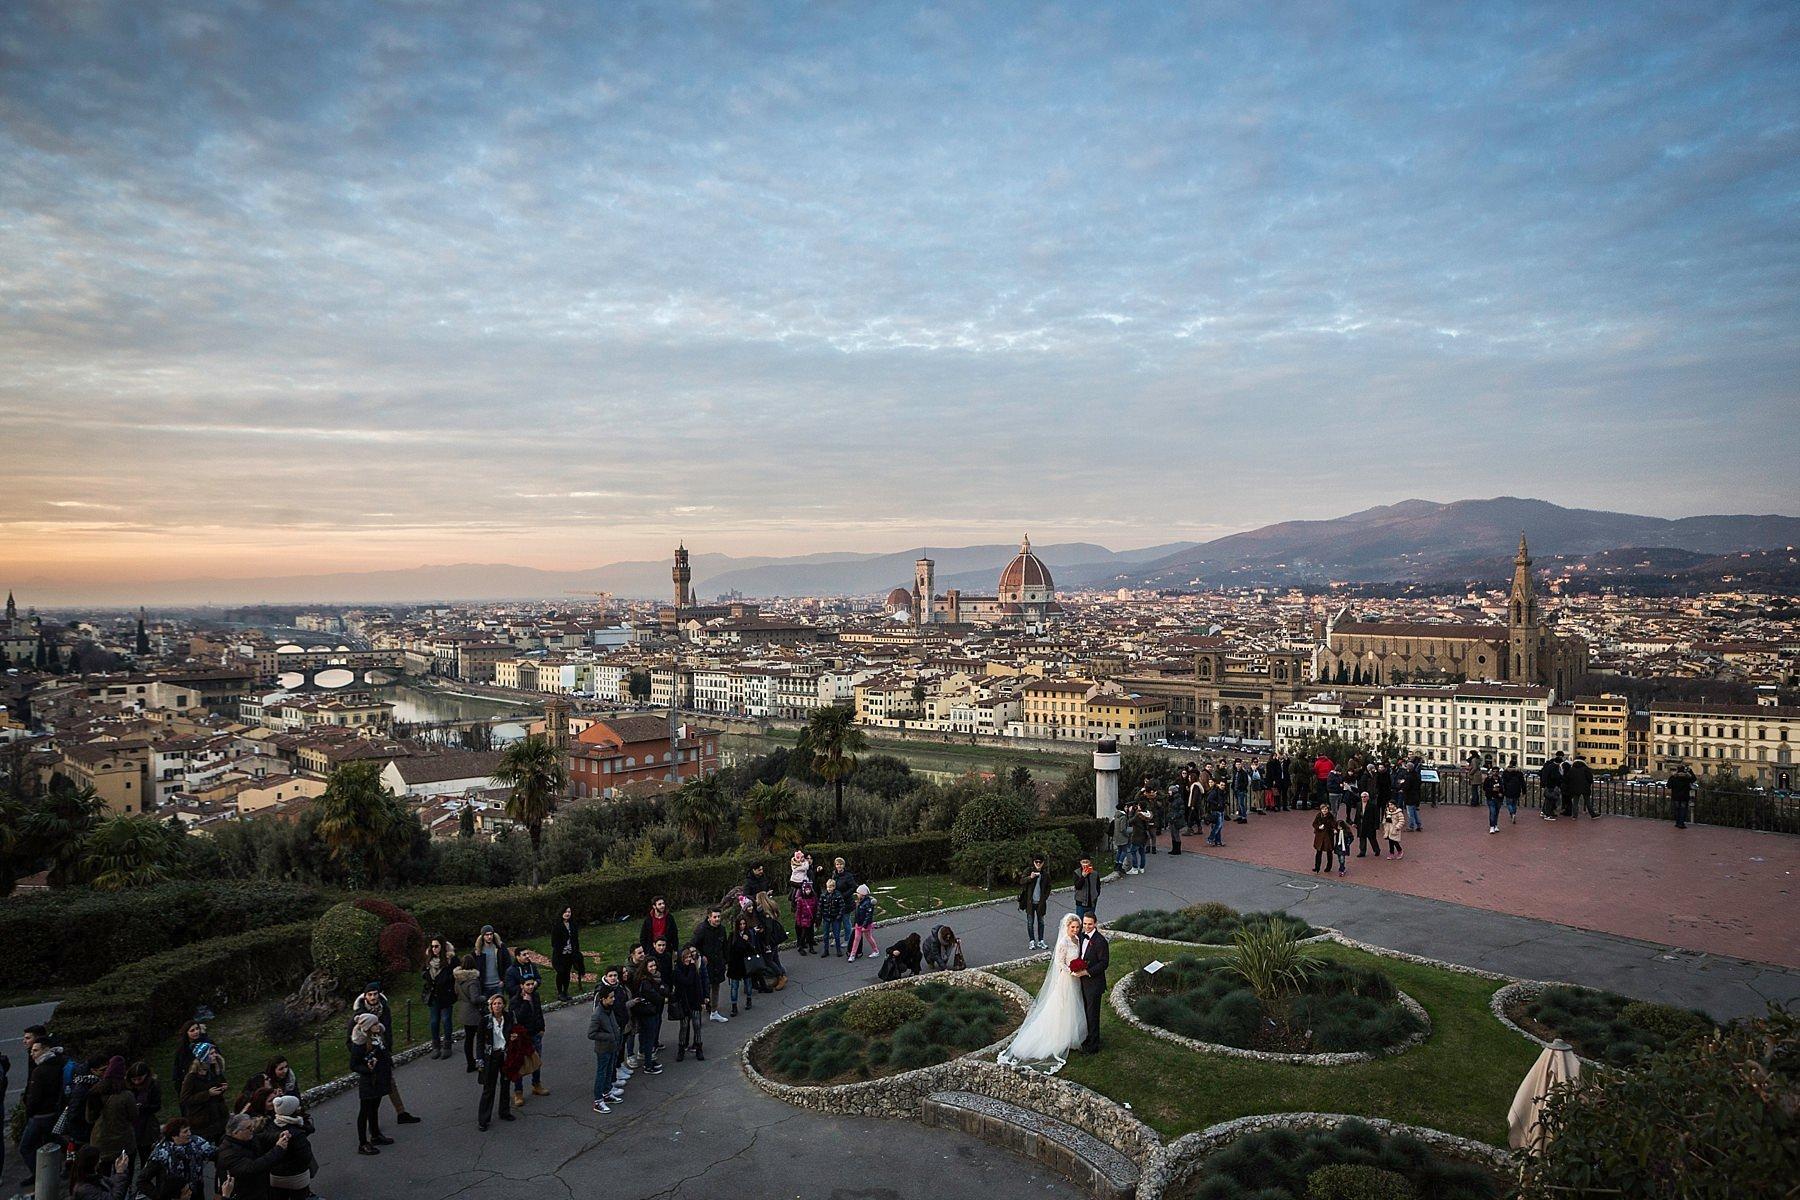 fotografia di matrimonio a Firenze dall'alto